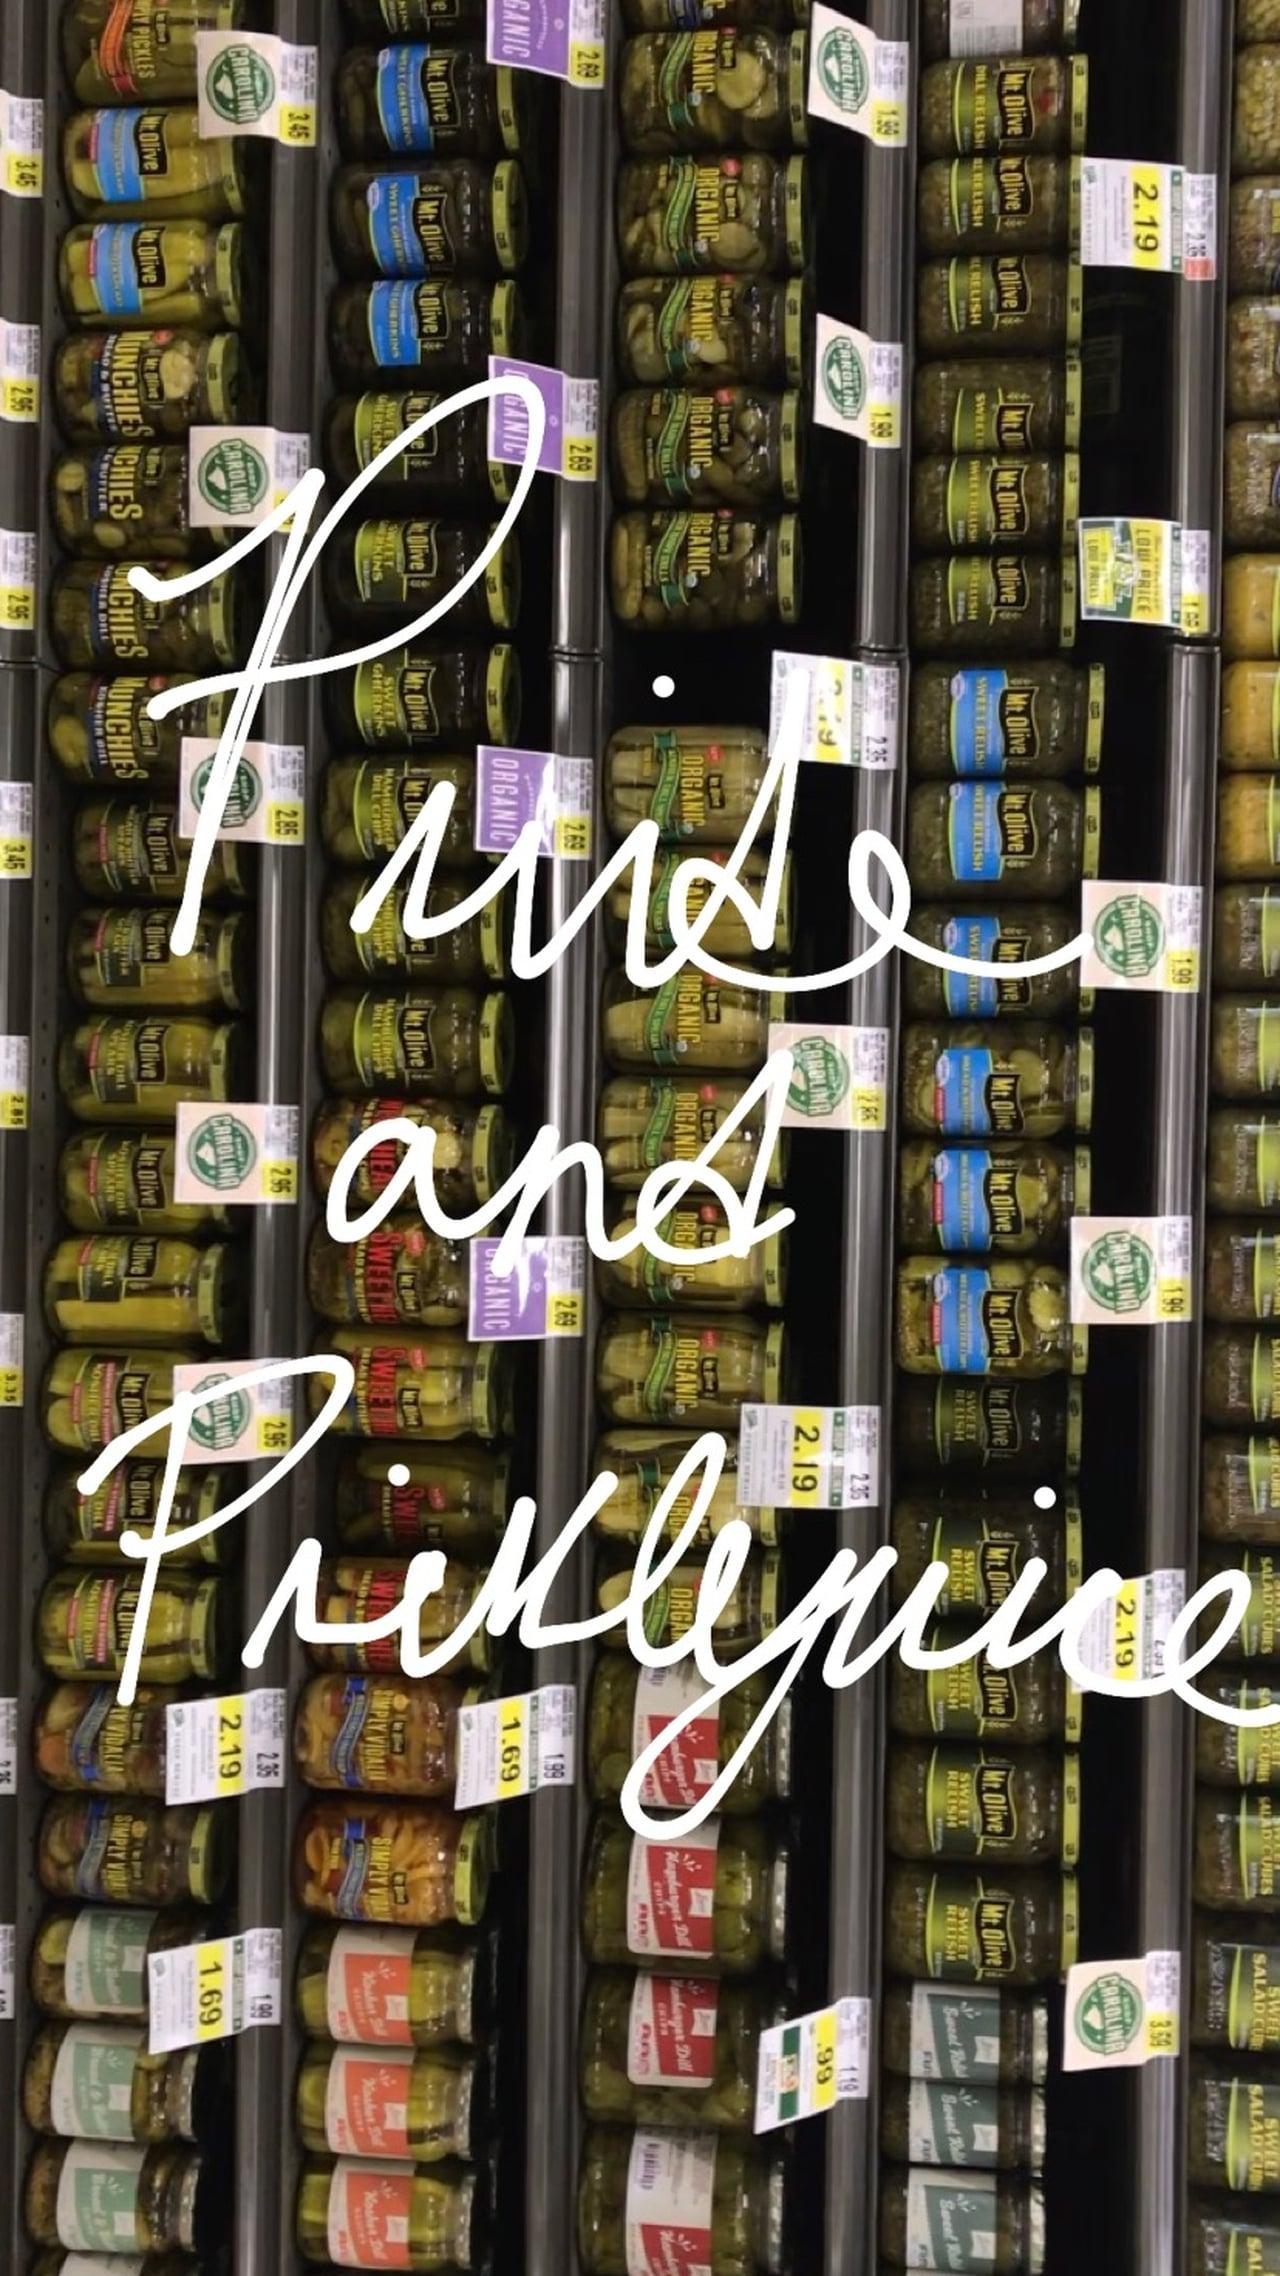 Pride and Picklejuice